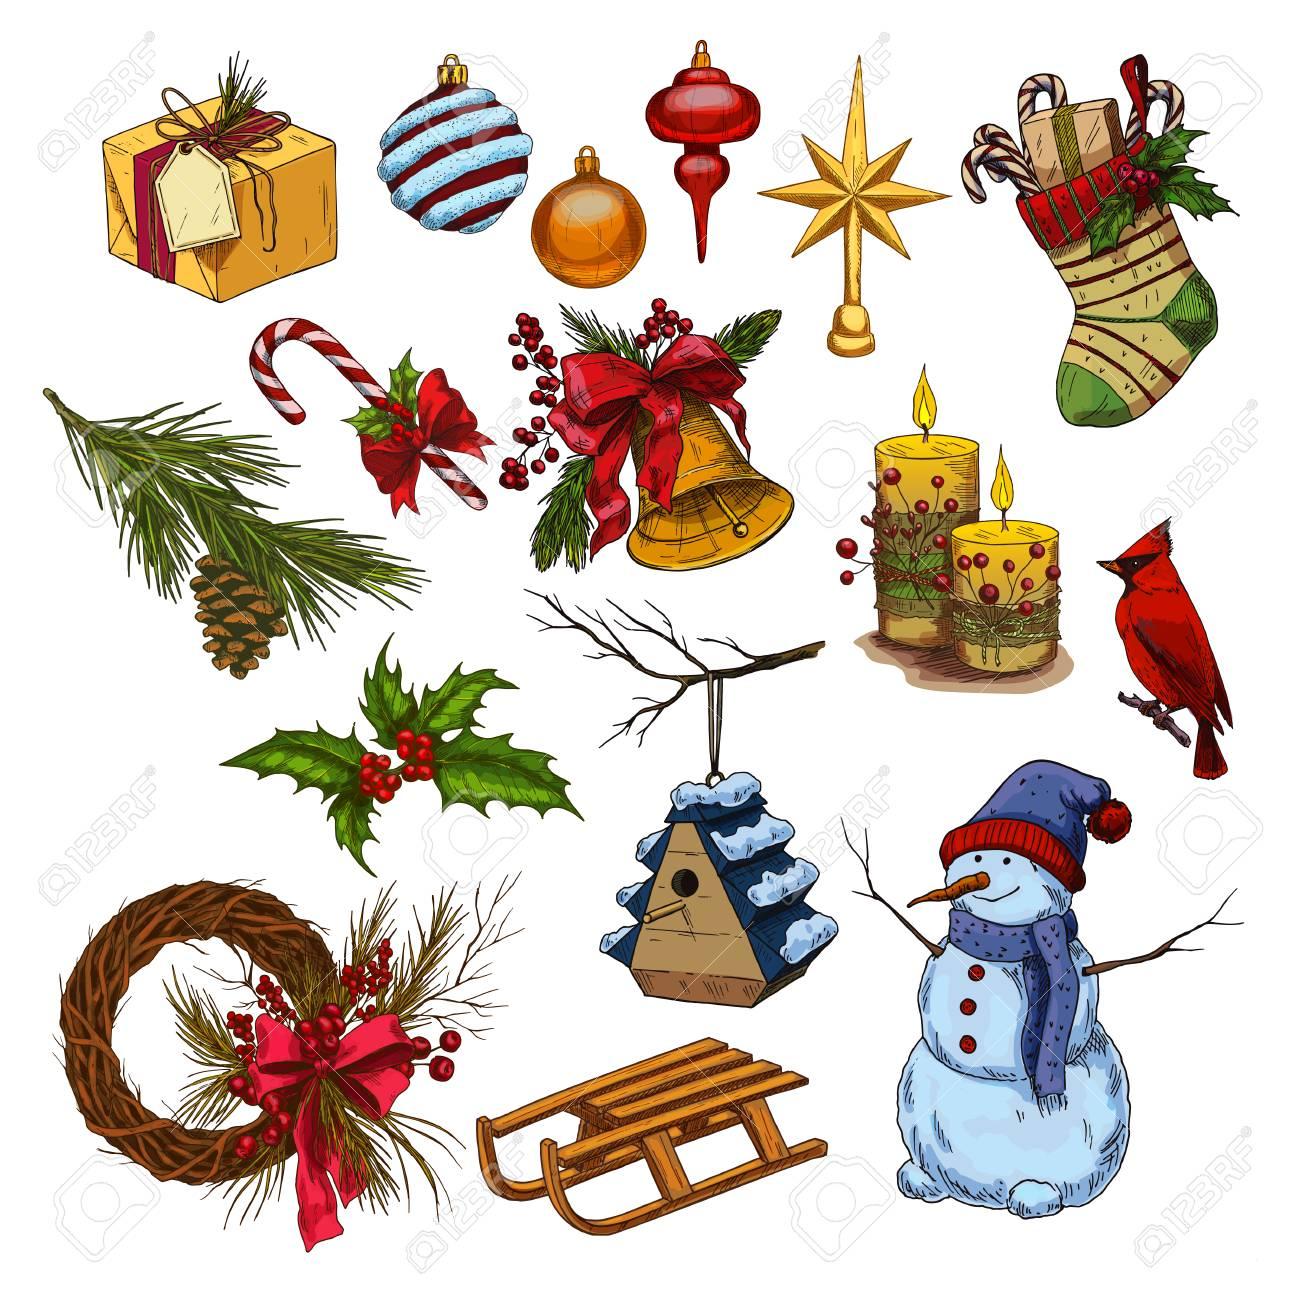 Artikel Weihnachtsfeier.Artikel Weihnachtsfeier Italiaansinschoonhoven